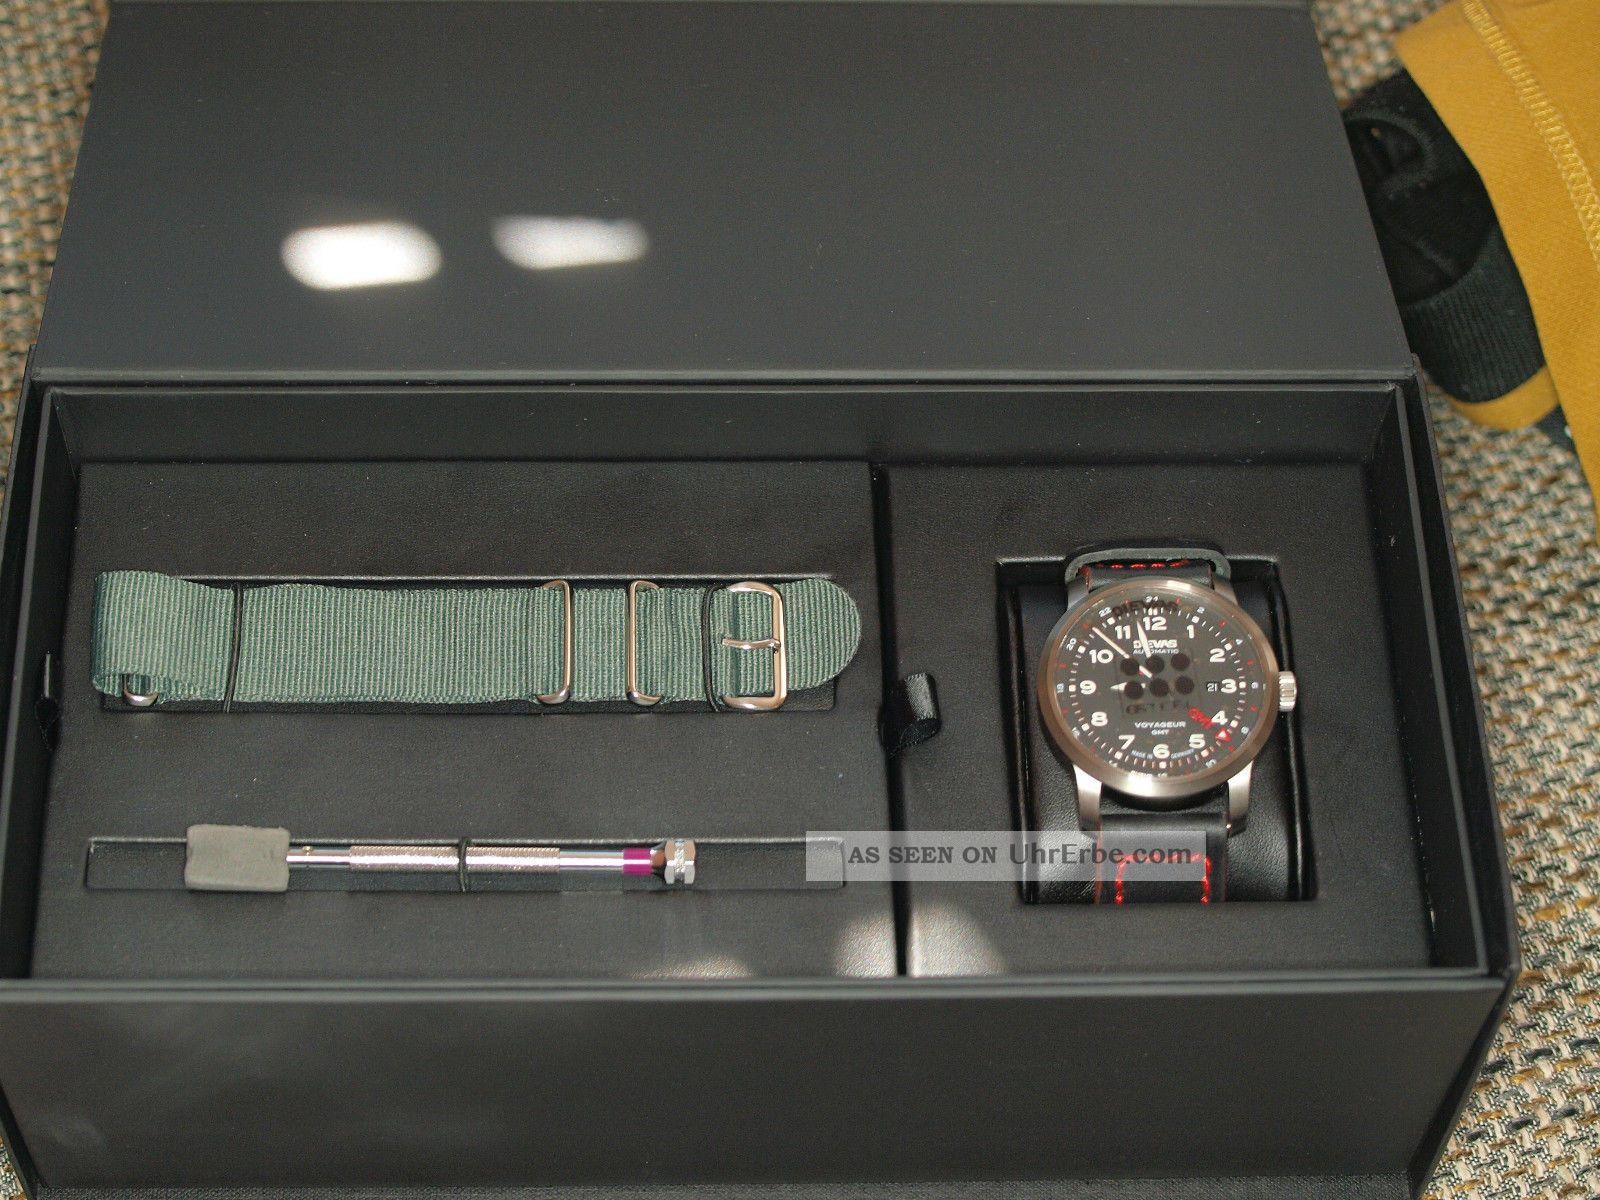 Einsatzuhr Dievas Voyageur Gmt Armbanduhr Und Ovp Eta 2893 - 2 Armbanduhren Bild